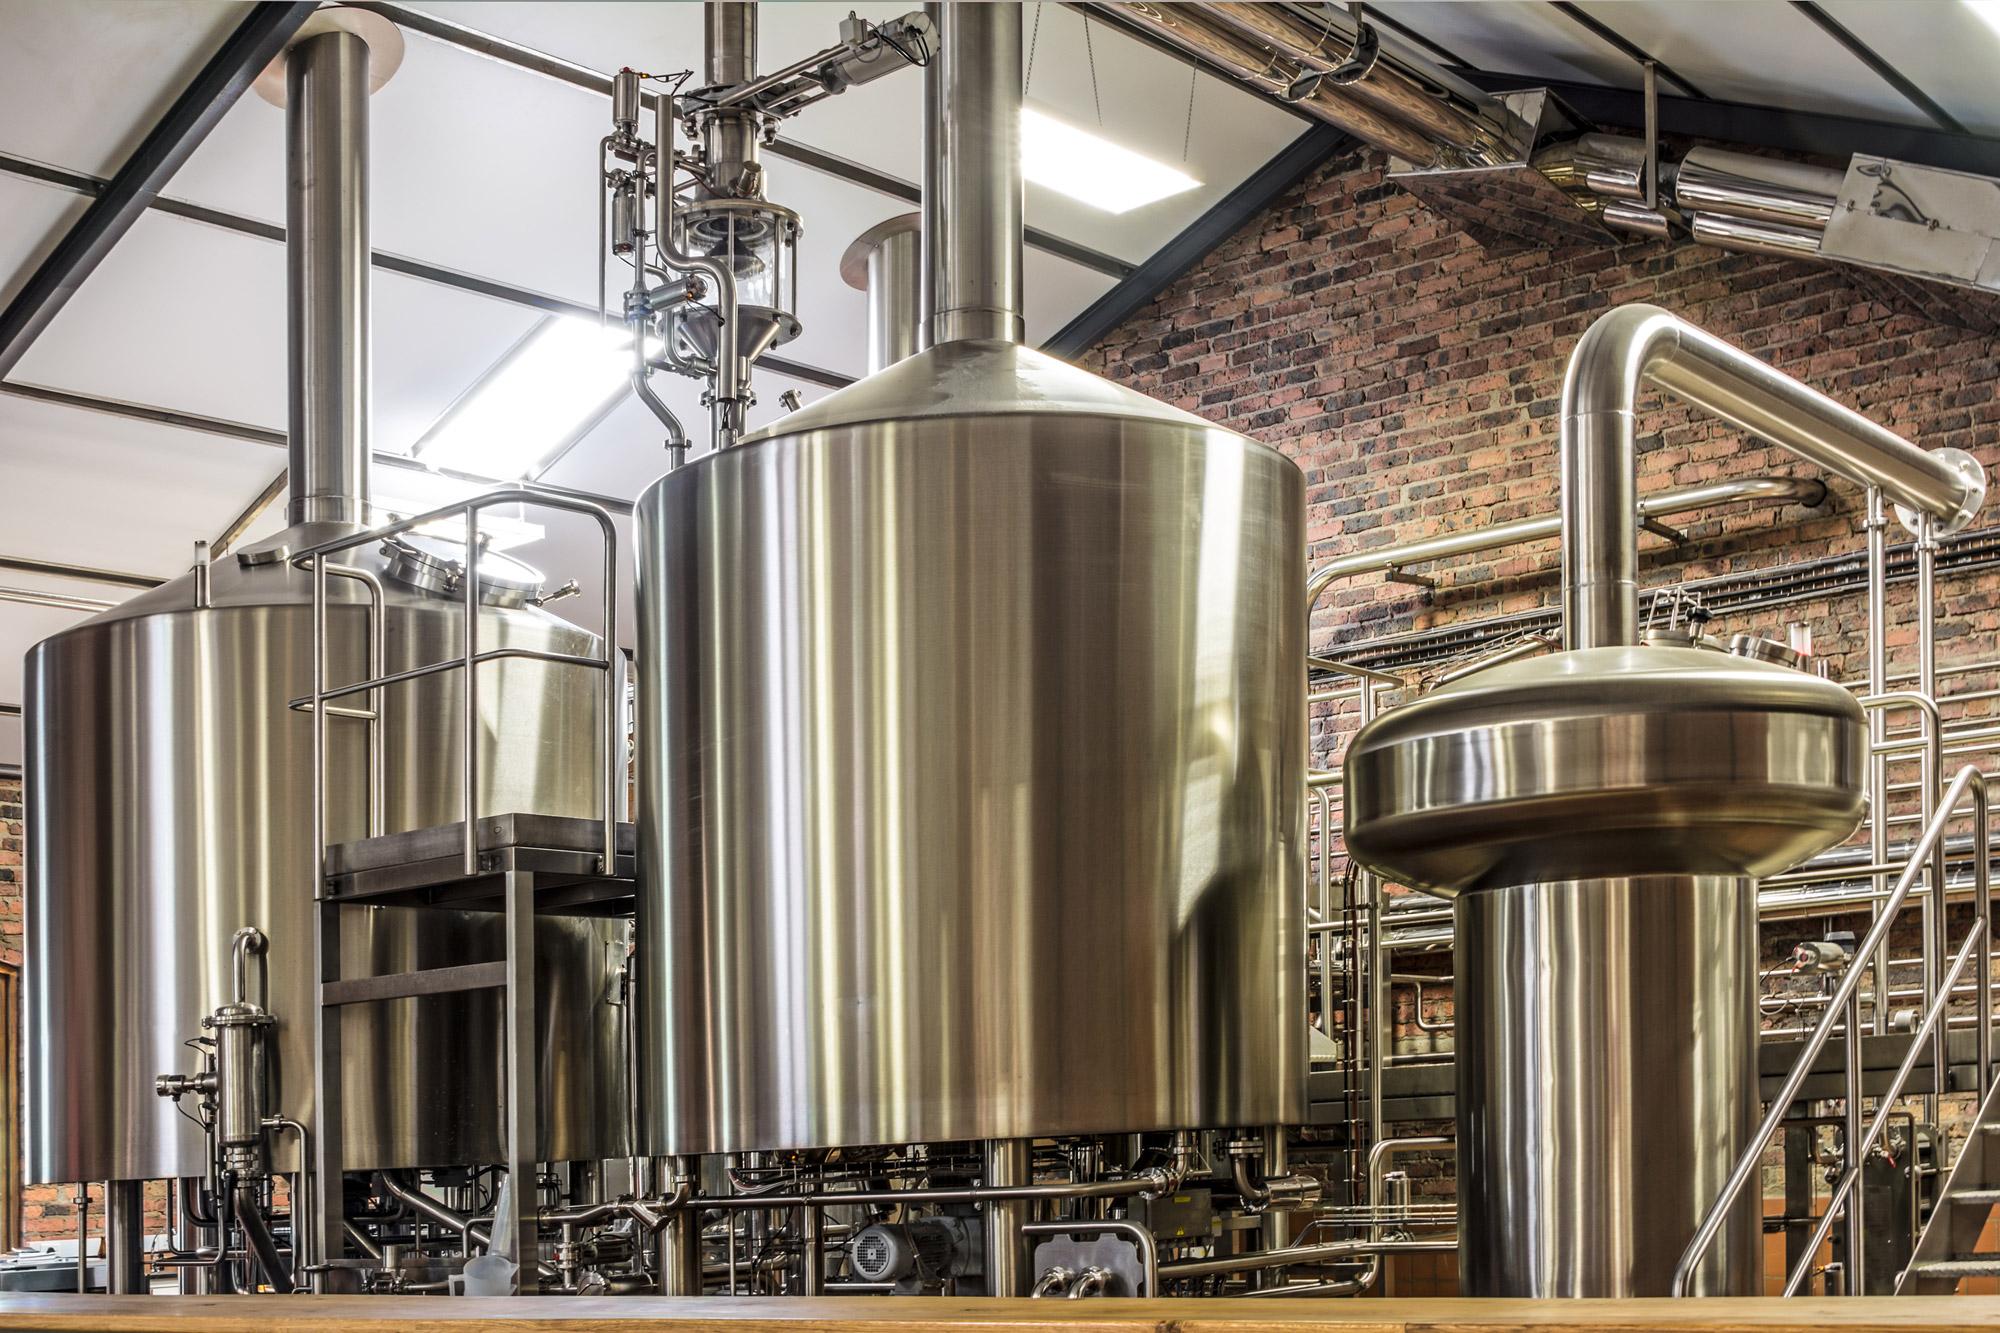 Brouwerijen in de Ardennen: dit is onze top 5